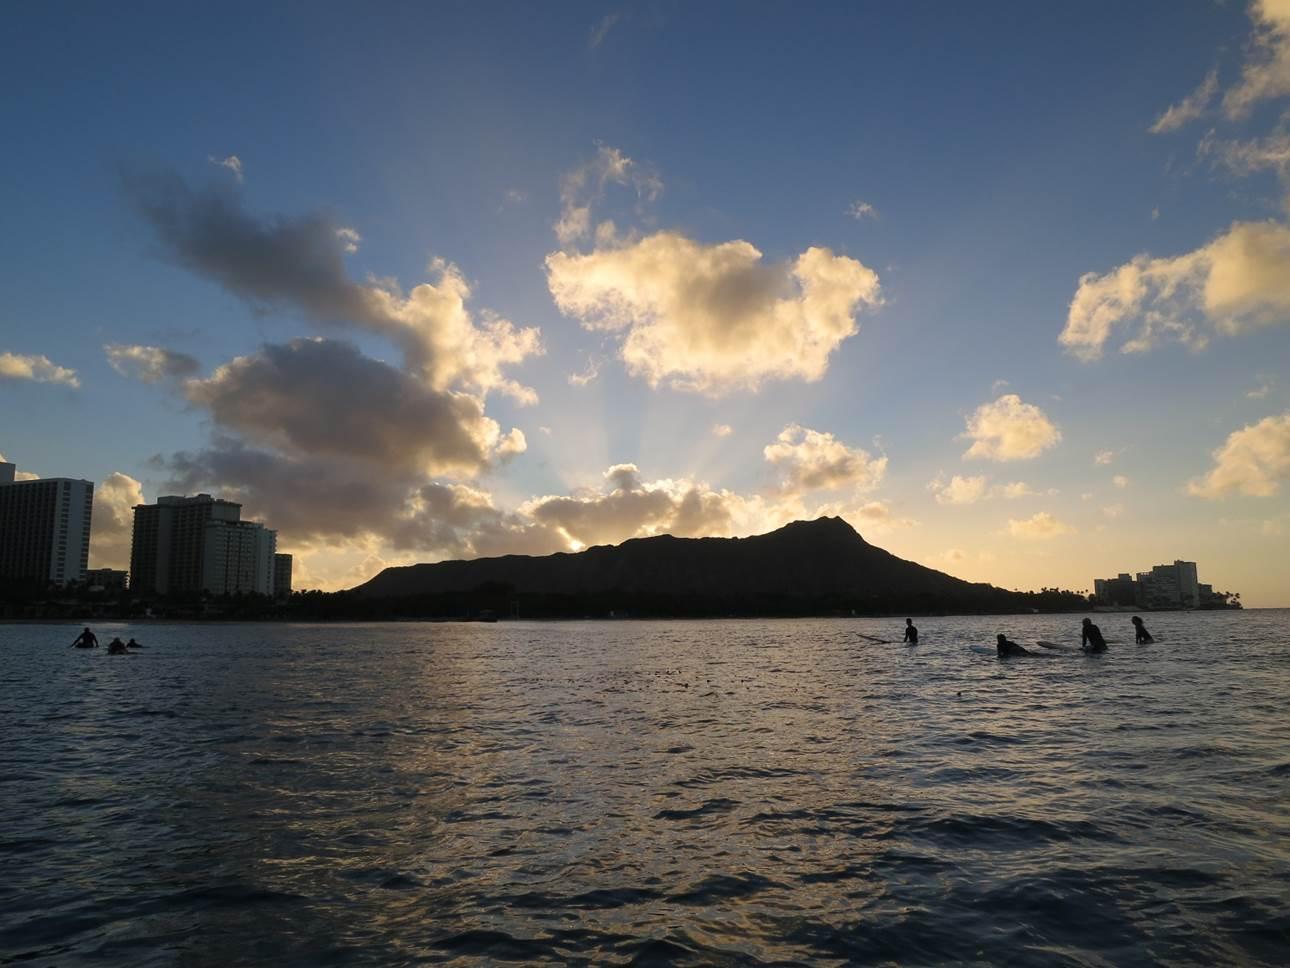 Destinos para surfear - Waikiki, Oahu, Hawai